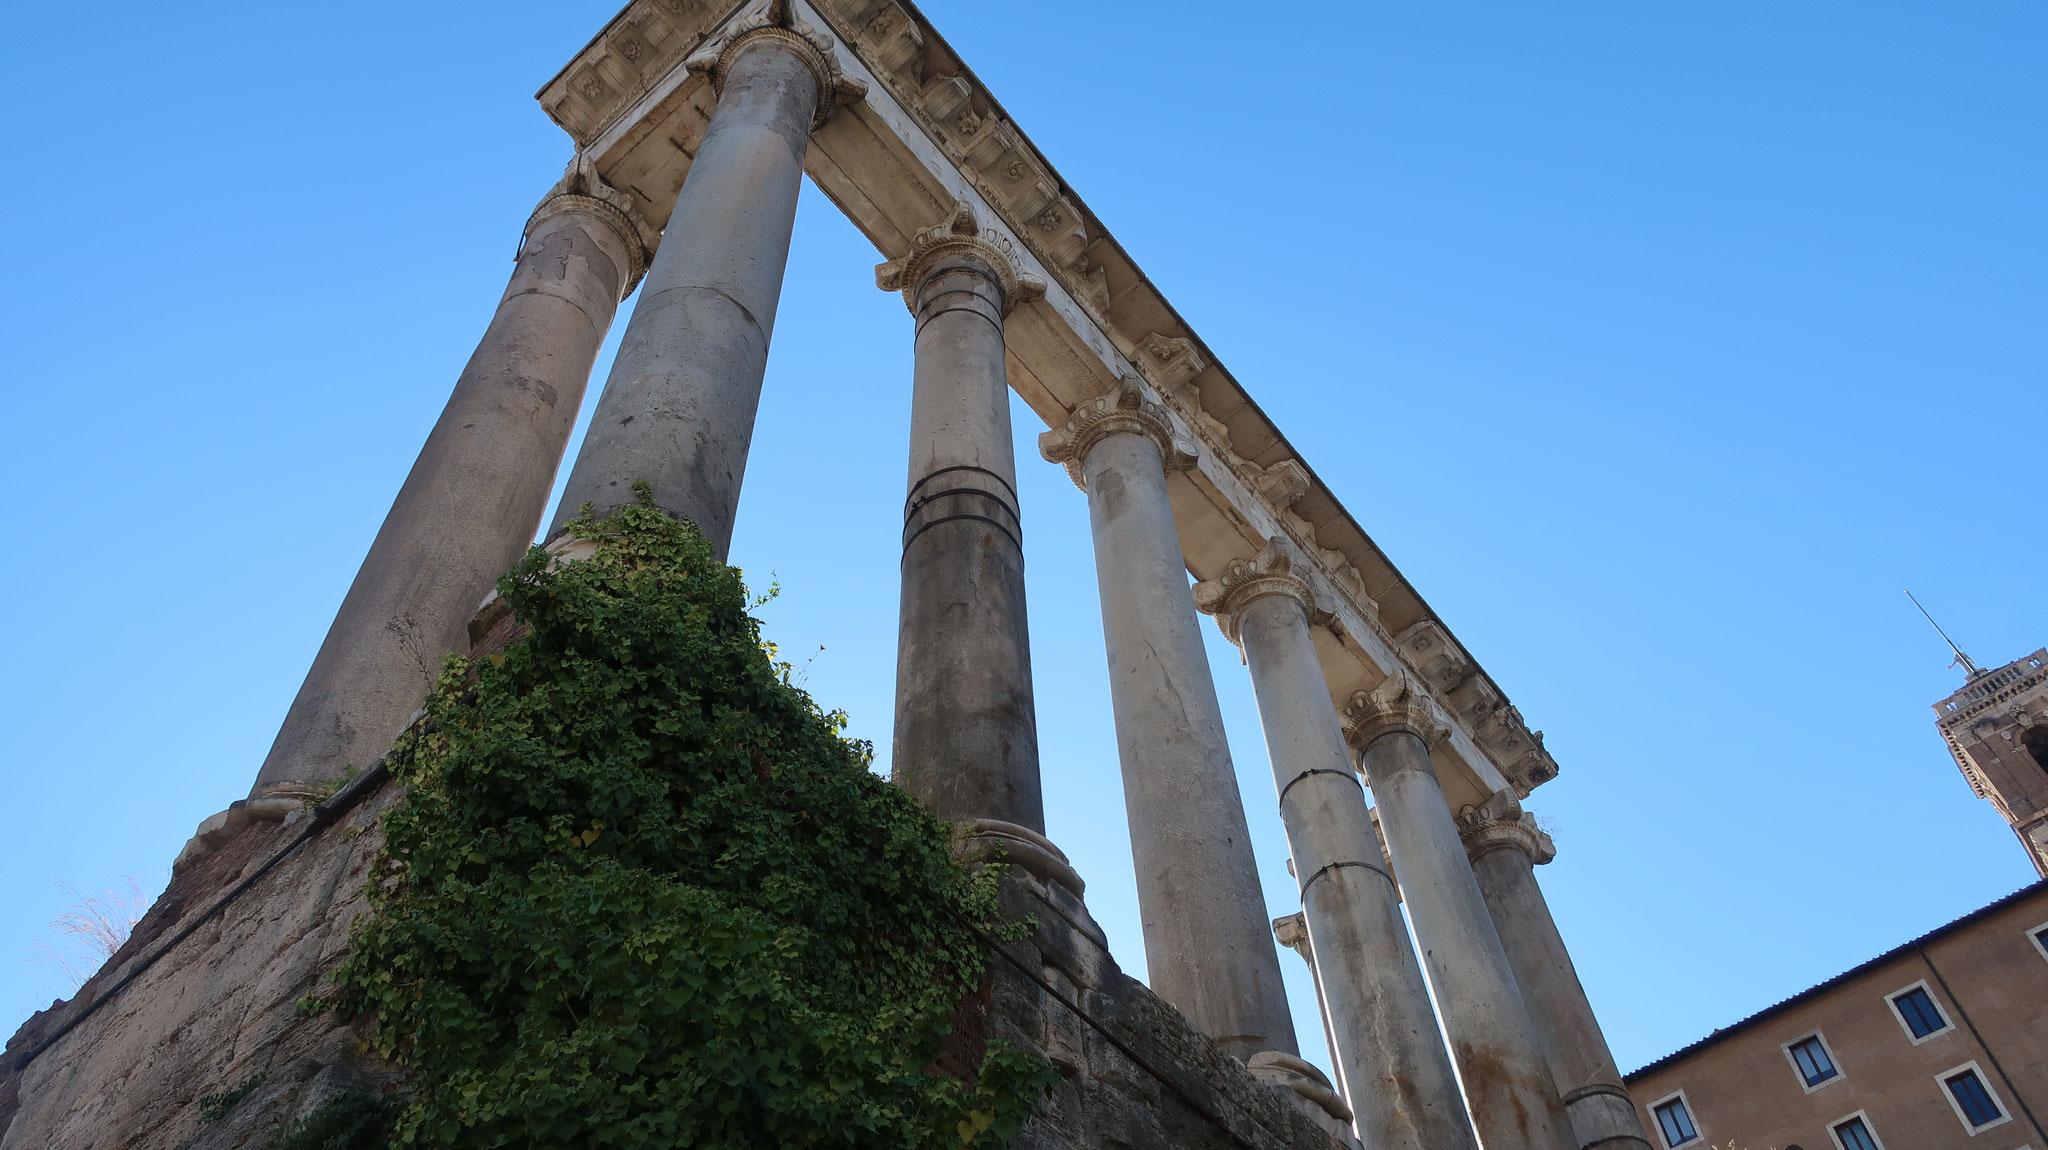 サトゥルヌス(ローマの農業神)の神殿。国家の財宝がここに収められました。